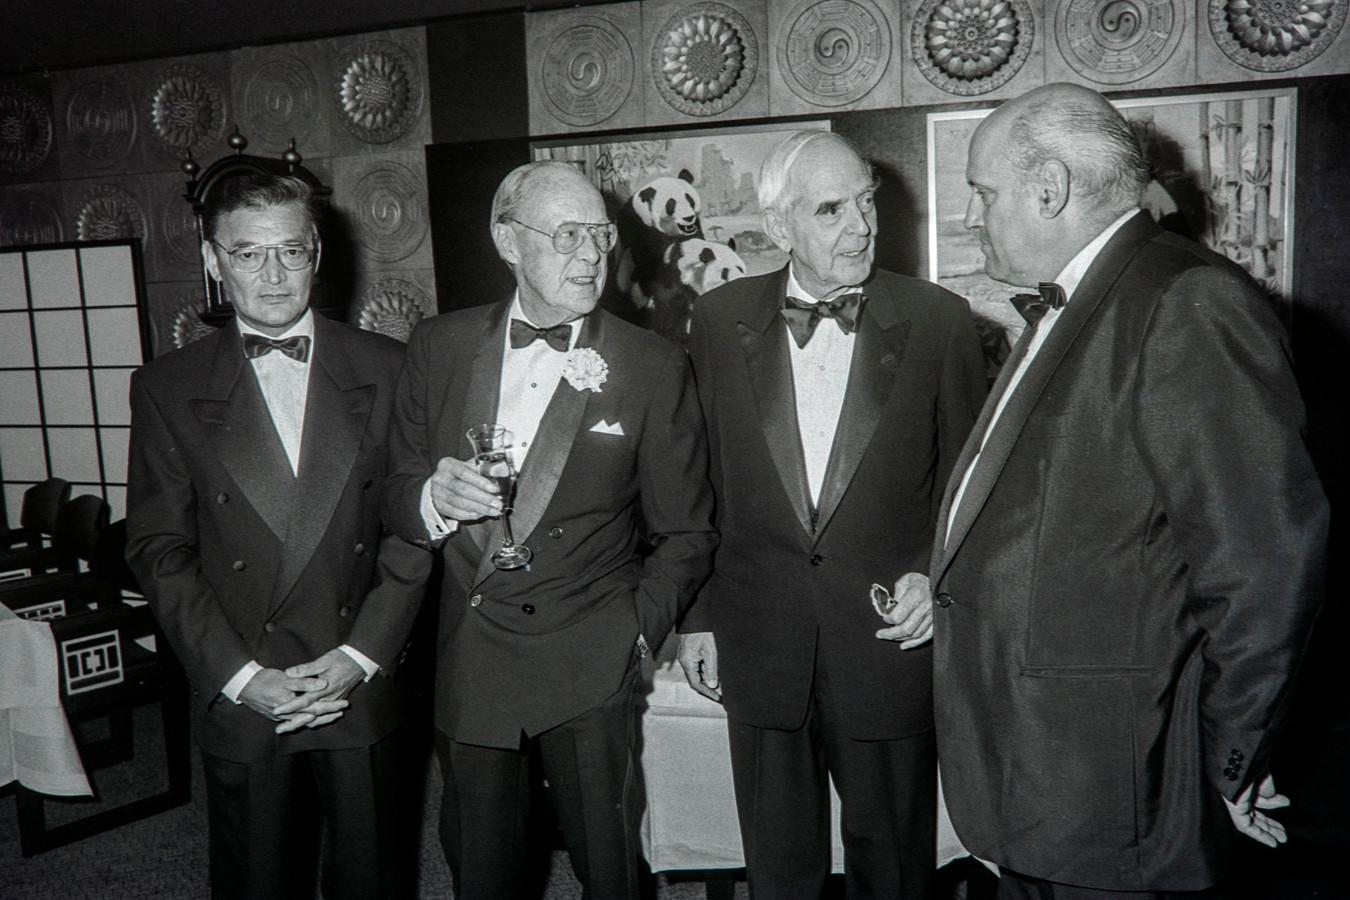 Hr. Chang van de Blauwe Lotus in Eindhoven met Prins Bernard Frits Philips en Jan Timmer